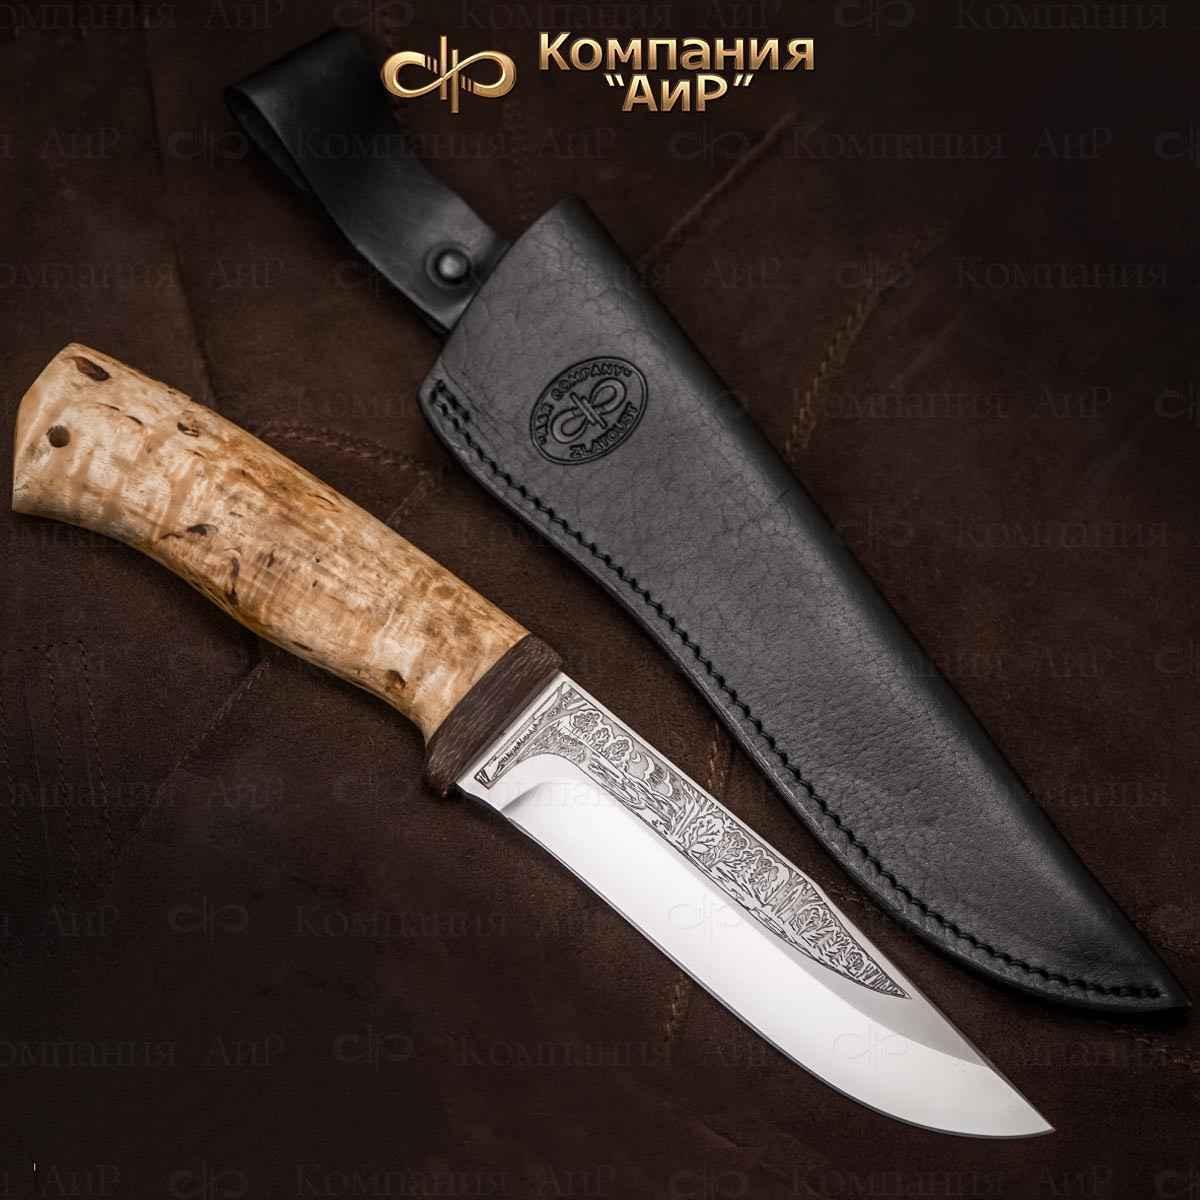 Нож АиР Турист, сталь Elmax, рукоять карельская береза